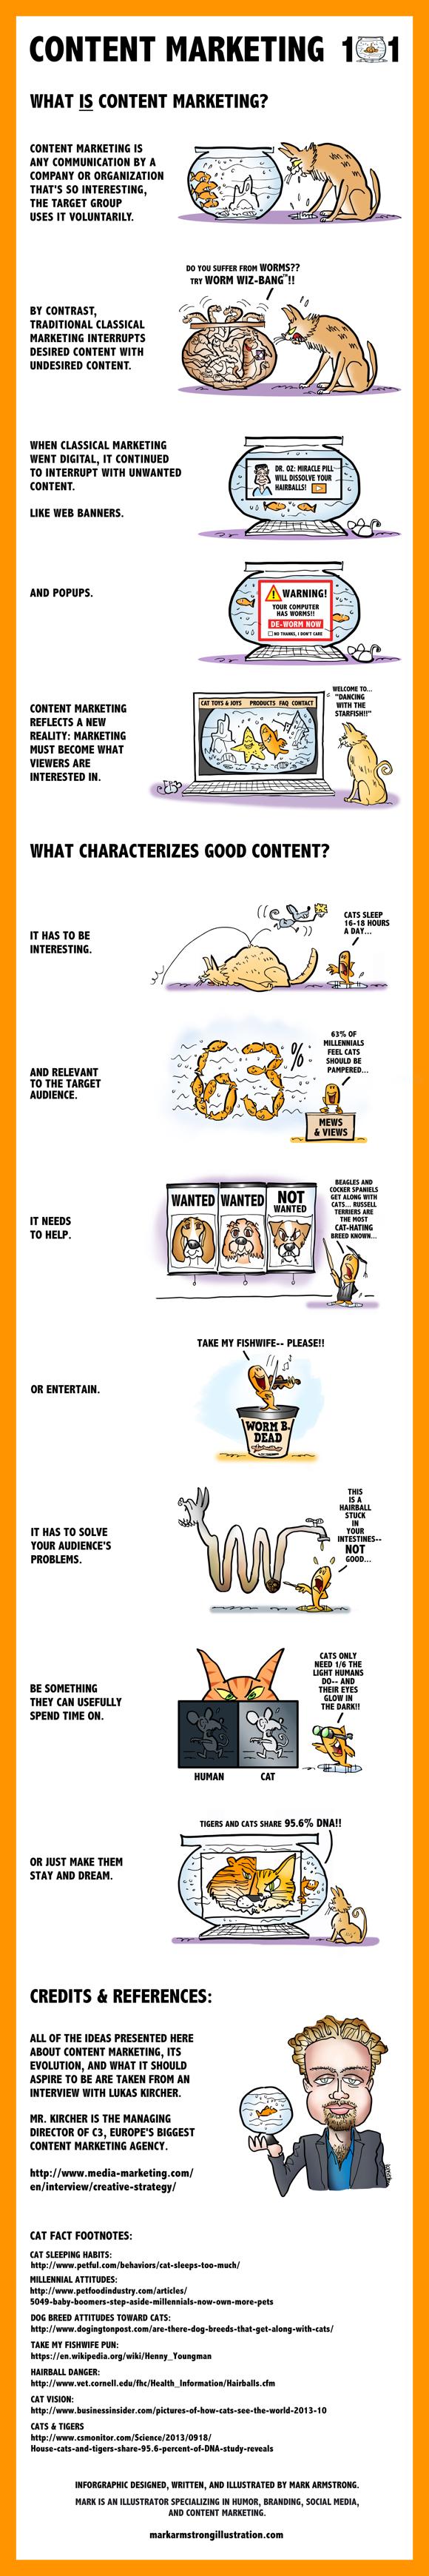 Descubre de manera clara qué es el marketing de contenidos a través de esta fantástica ilustración